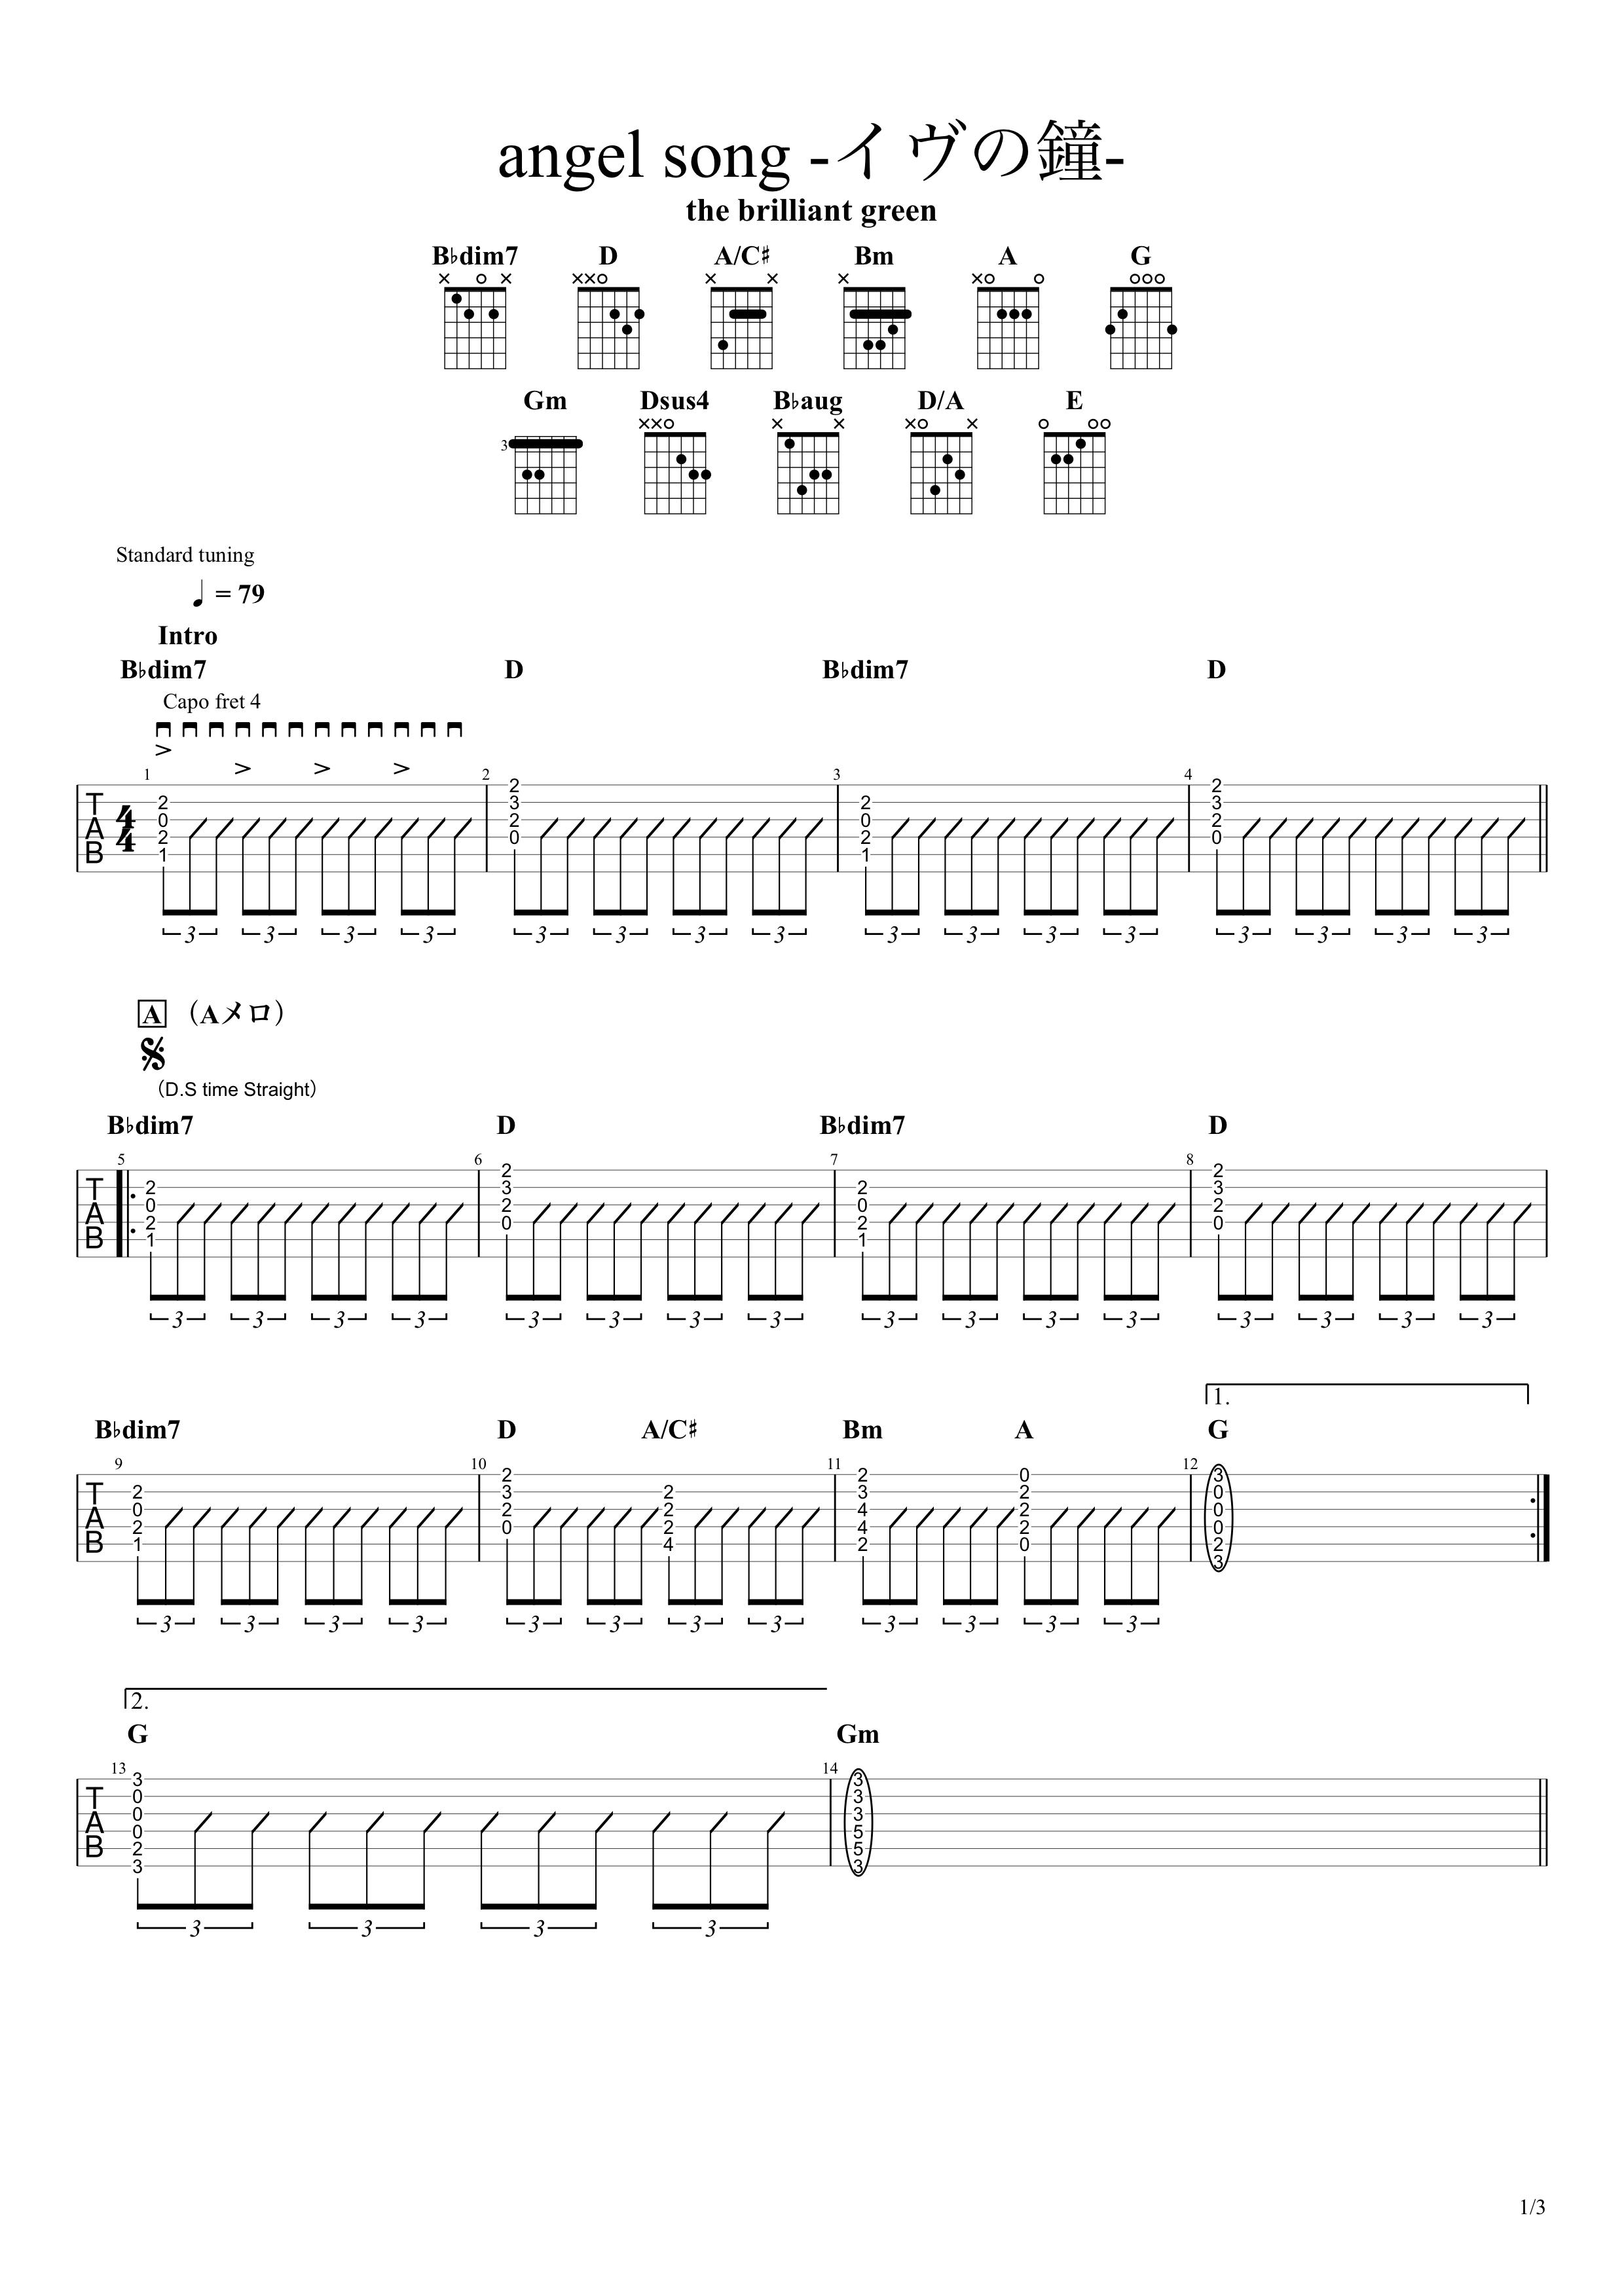 angel song -イヴの鐘-/the brilliant green ギタータブ譜 コードストロークで弾くVer.01